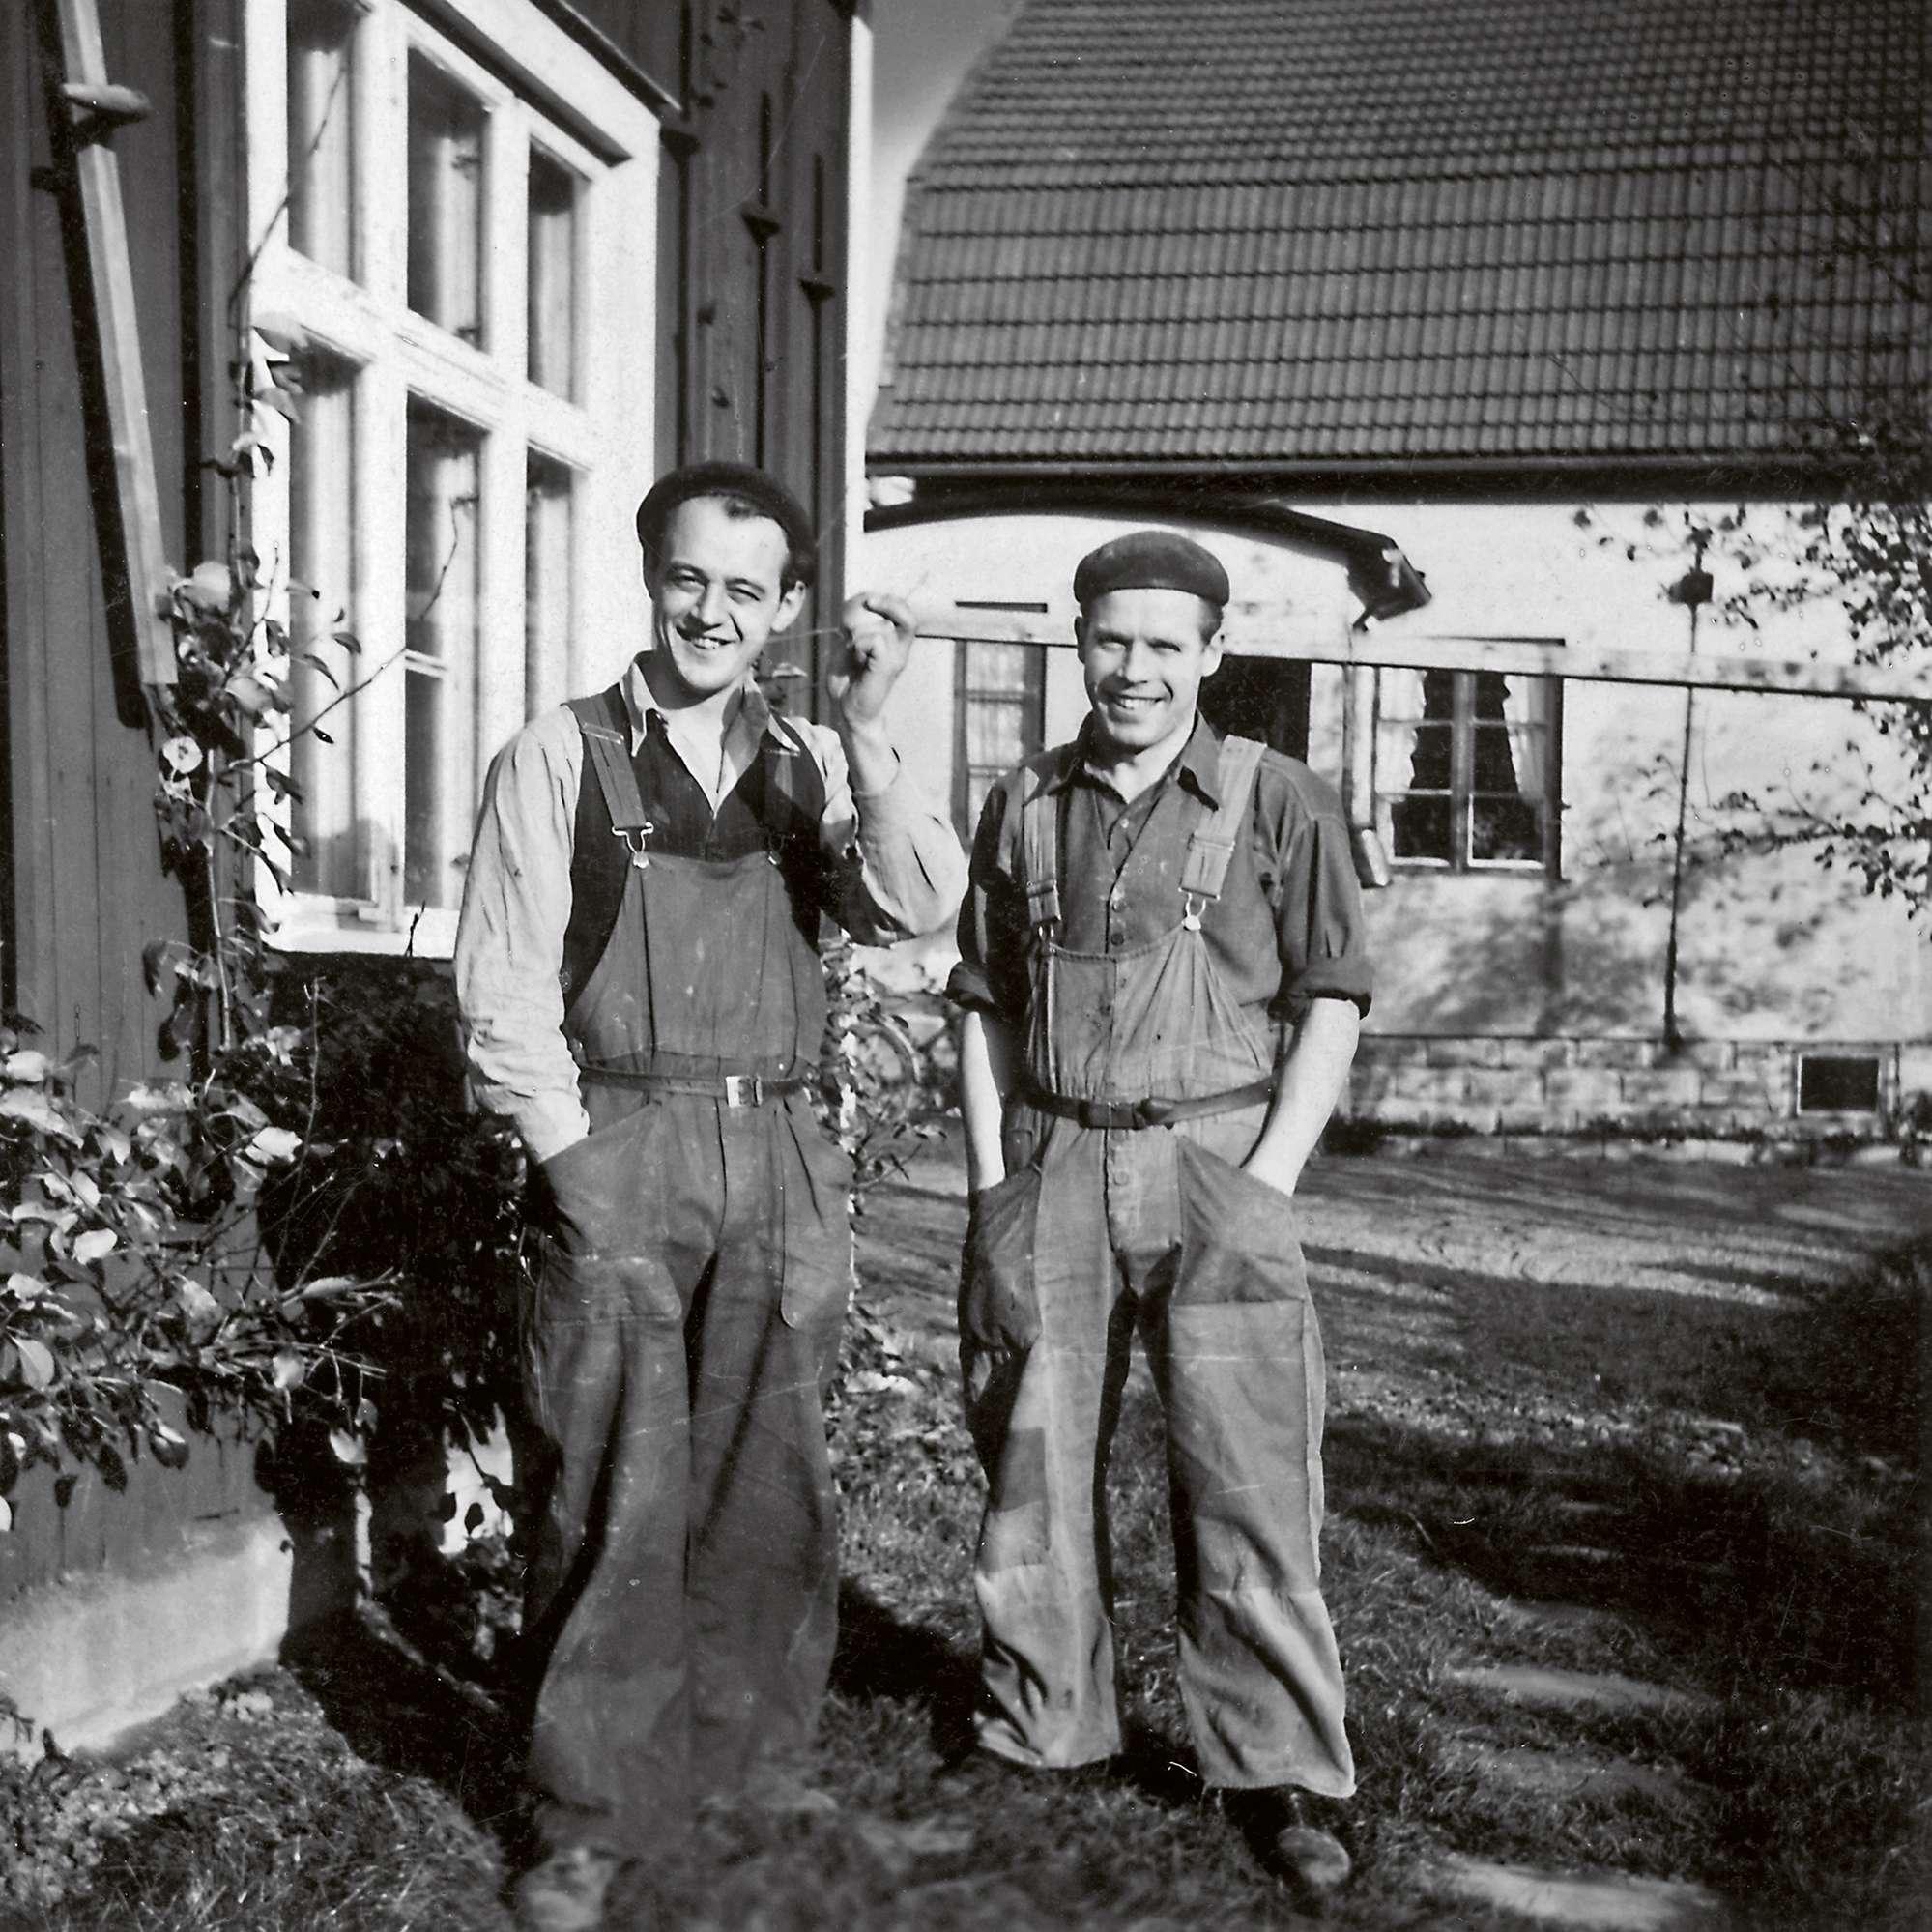 Svensson & Jonsson